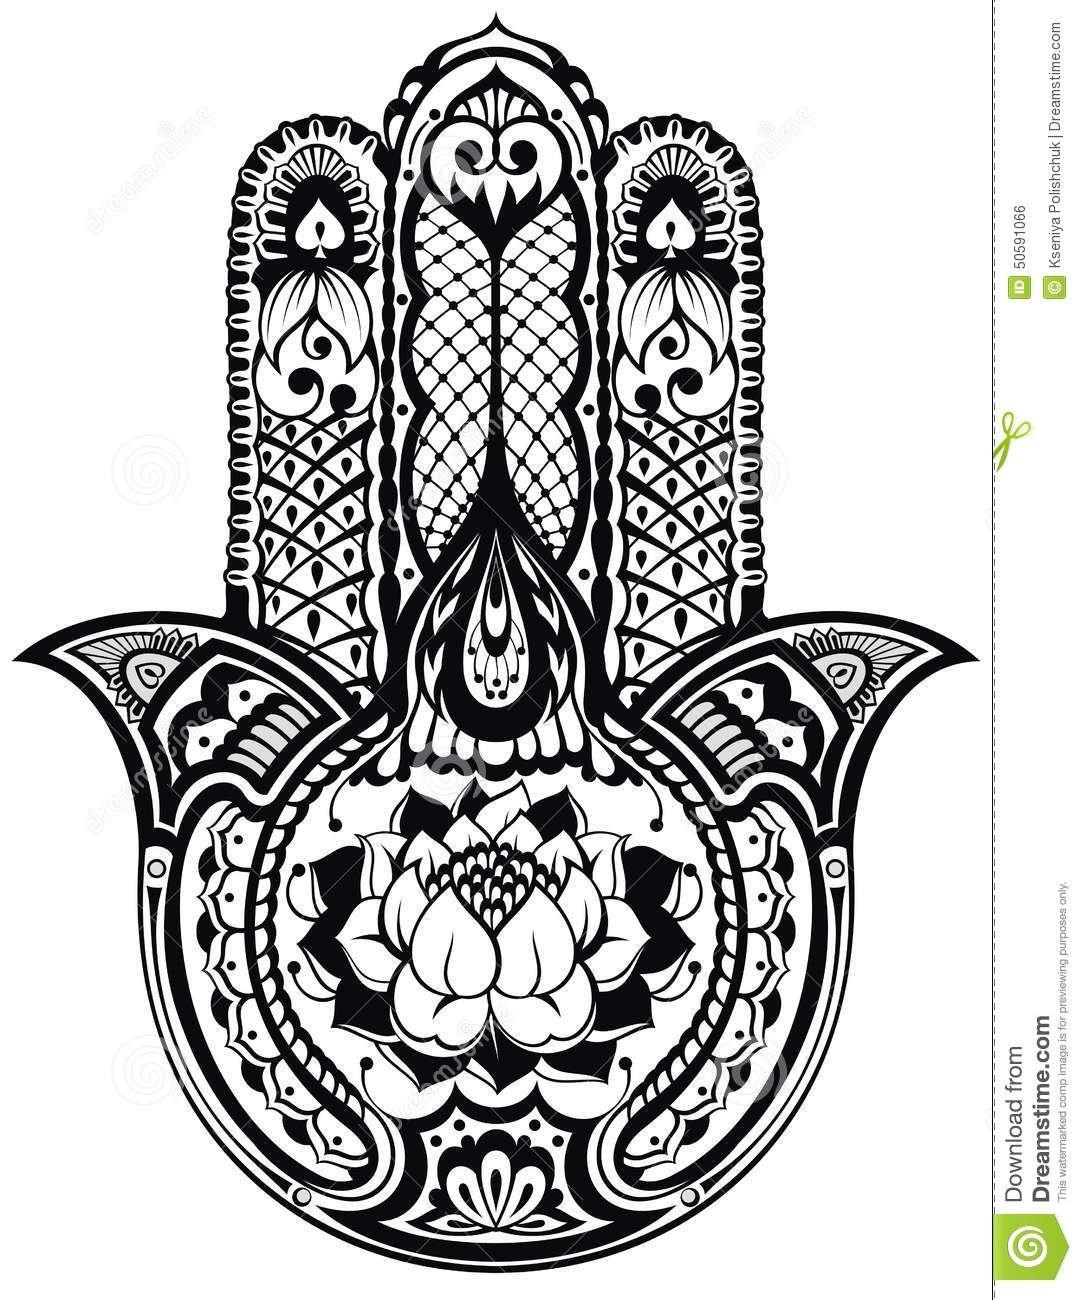 hamsa side tattoo - Google Search | Tattoos | Pinterest ...